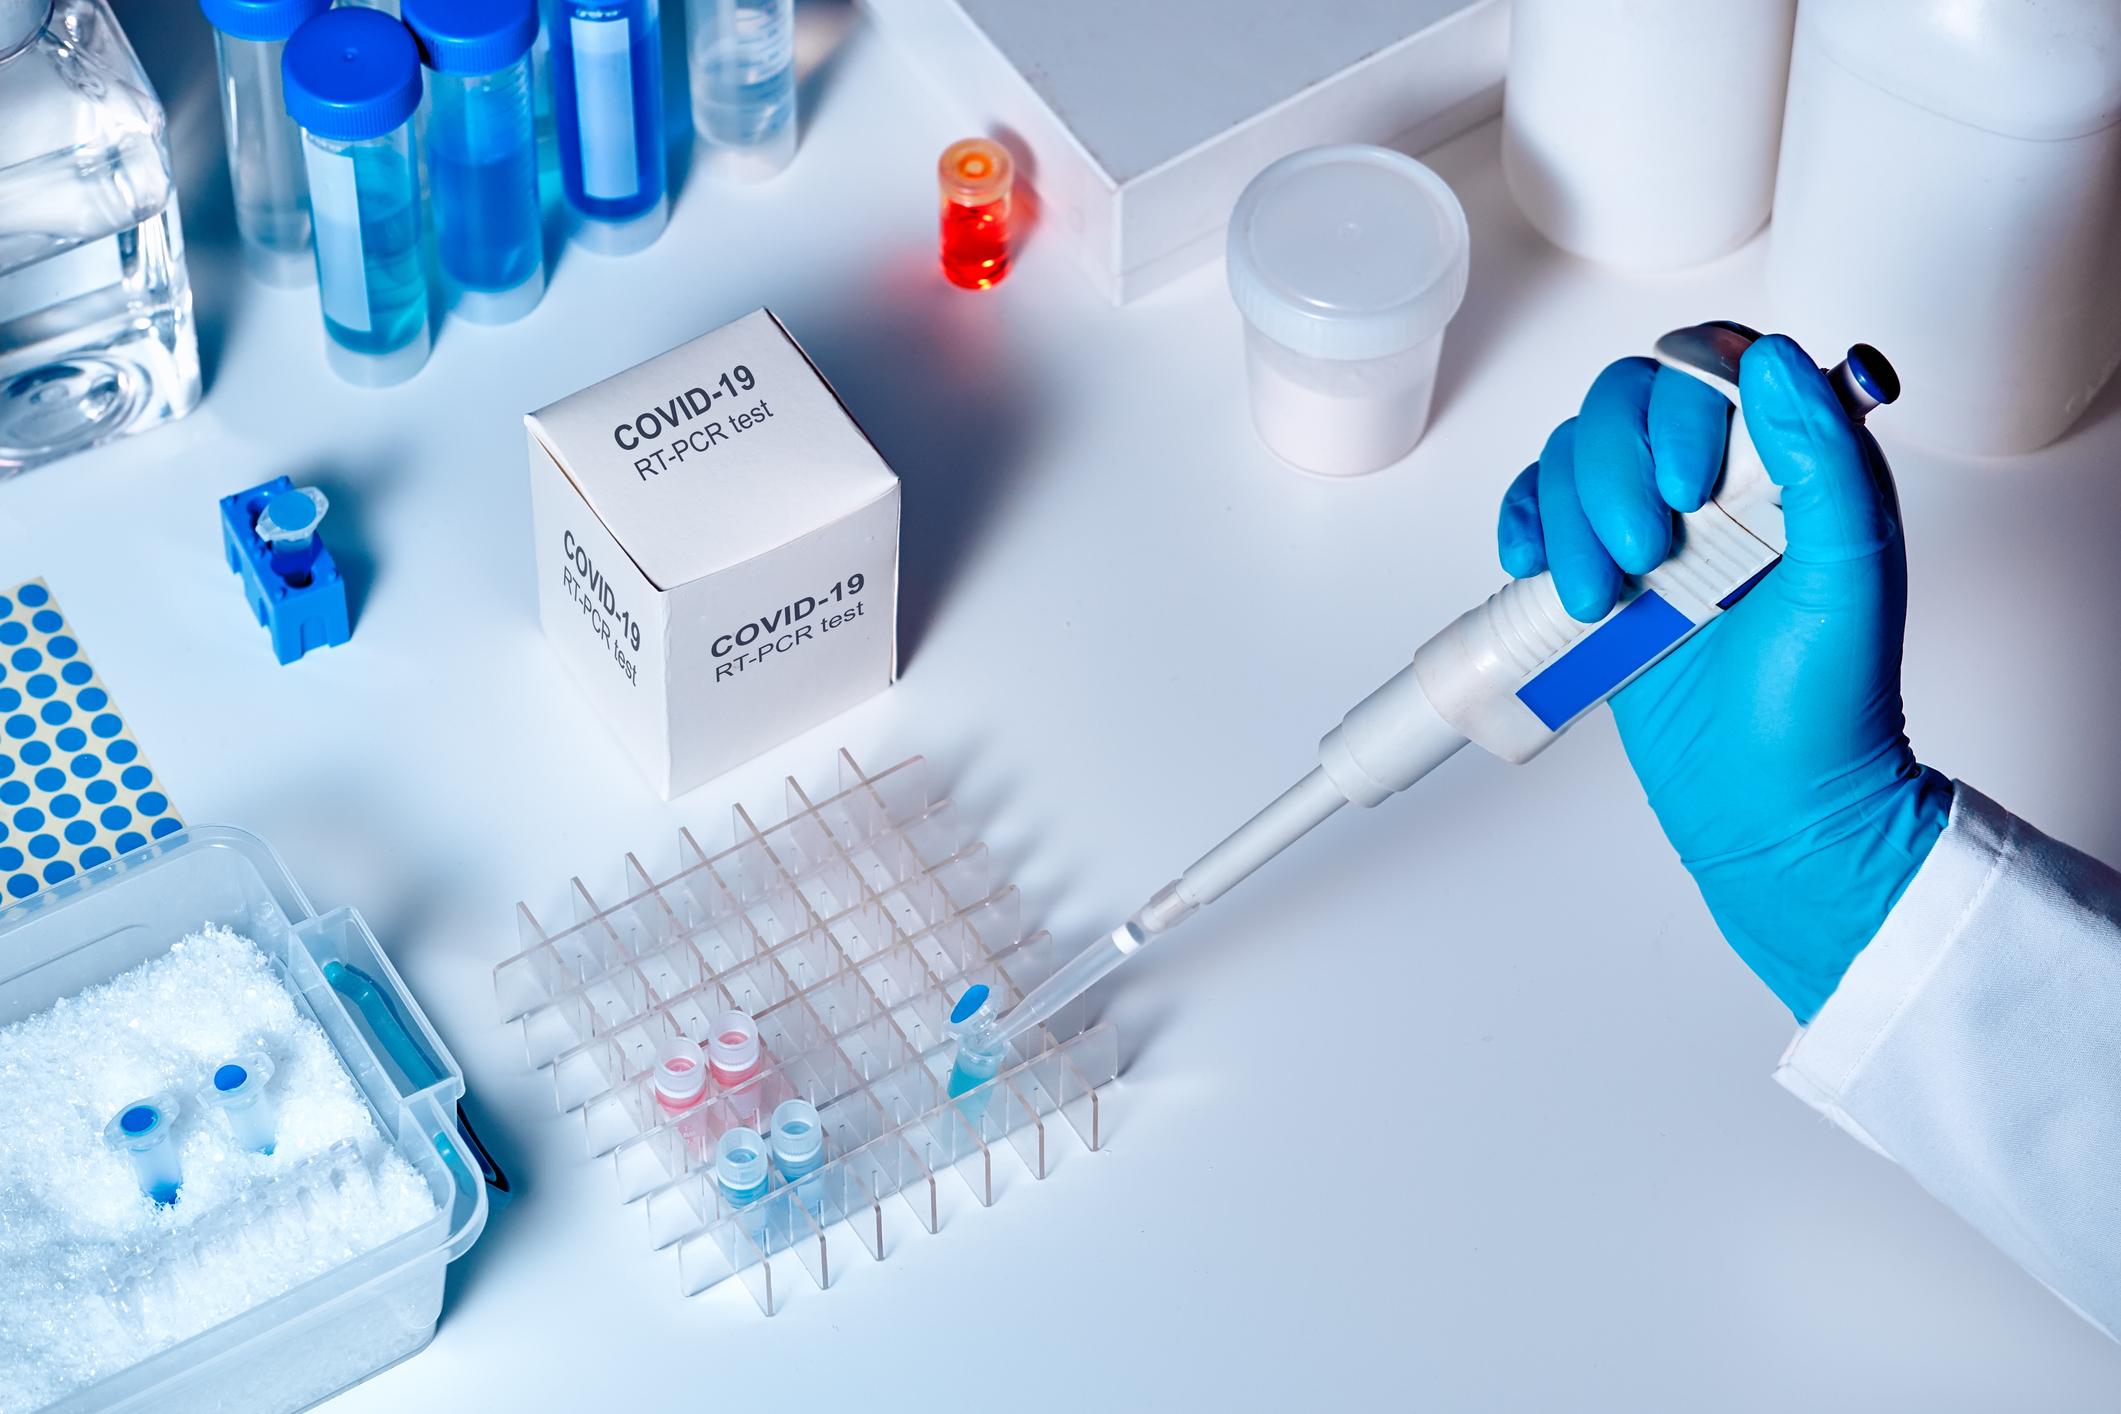 Se sumaron 12 nuevos casos sospechosos de coronavirus y se descartaron 14